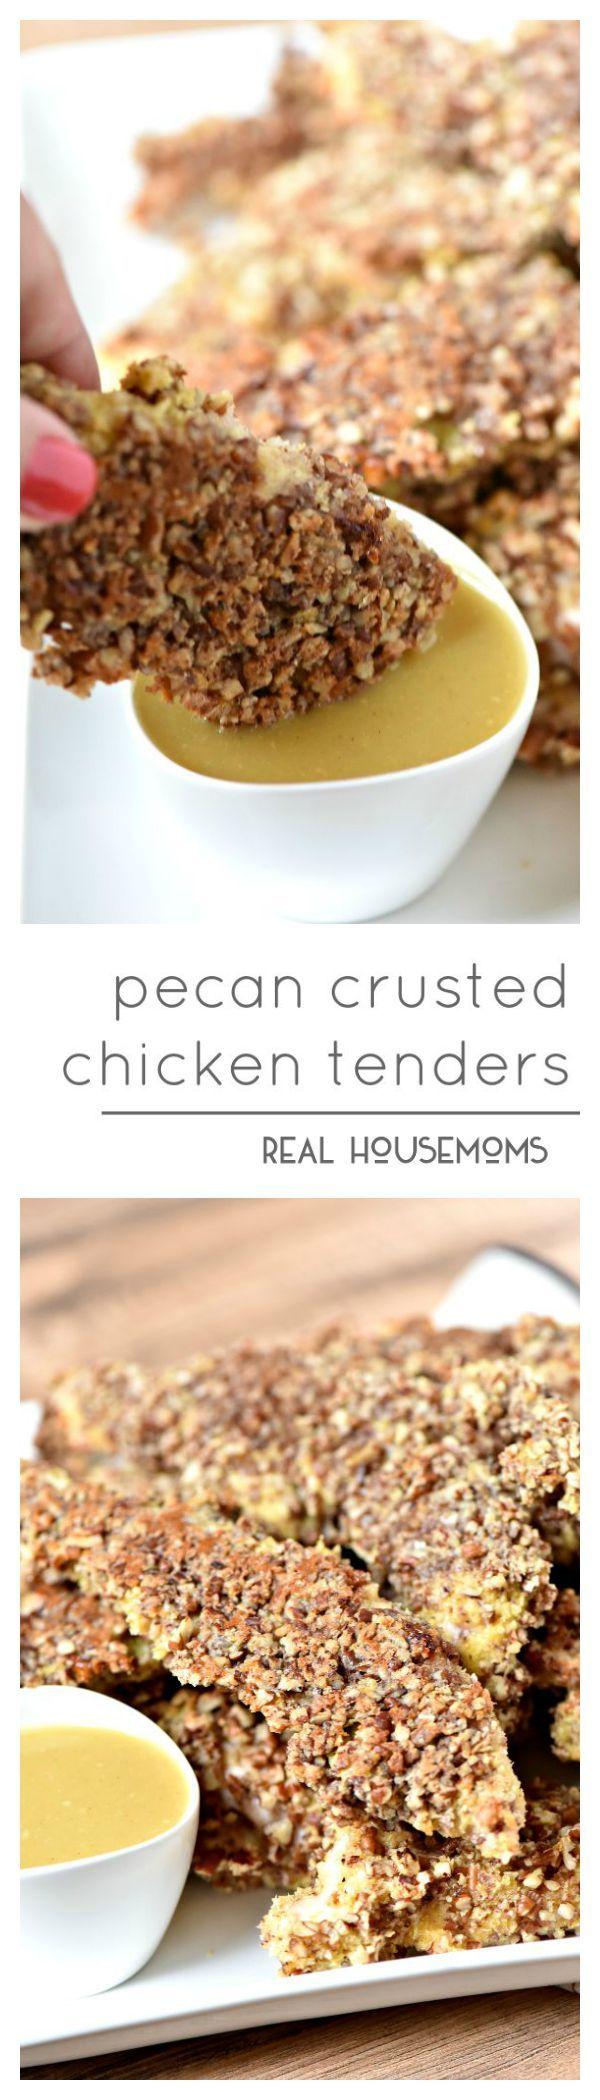 Pecan Crusted Chicken Tenders